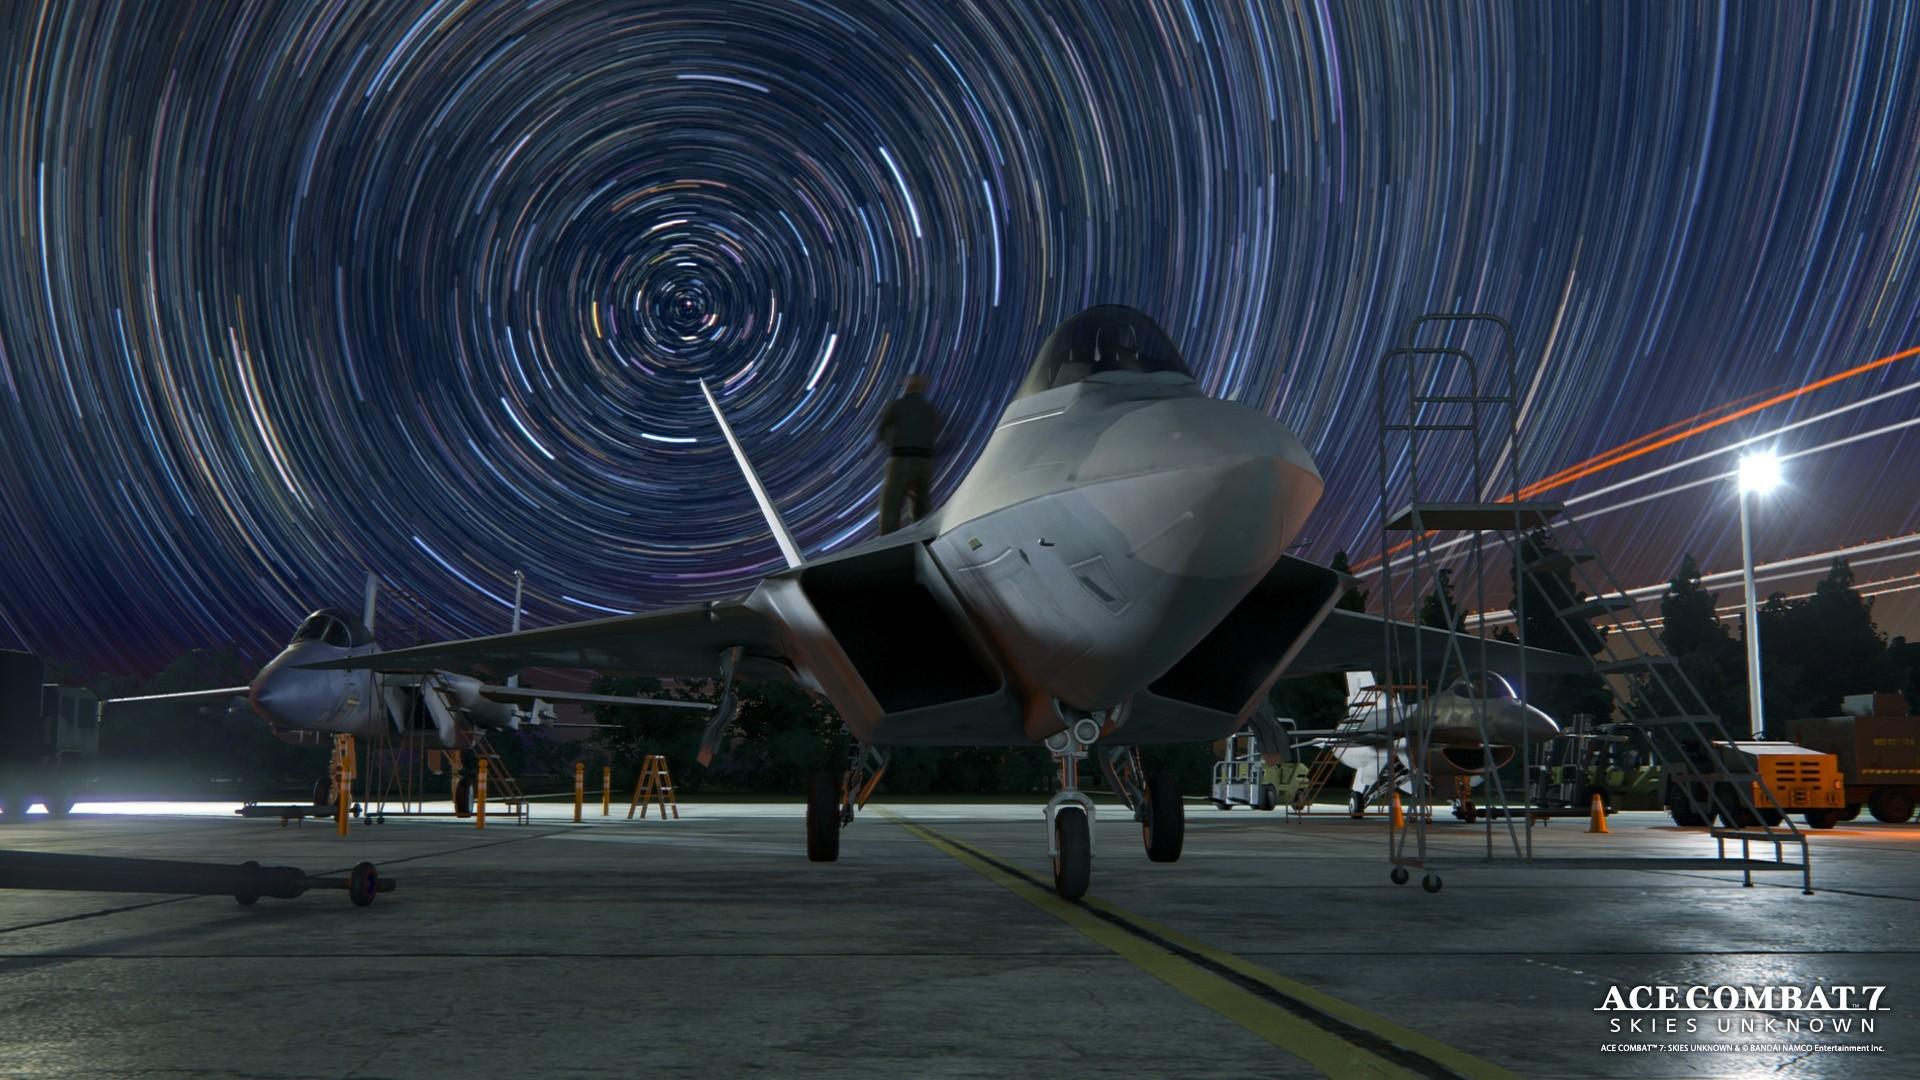 Ace Combat Pic